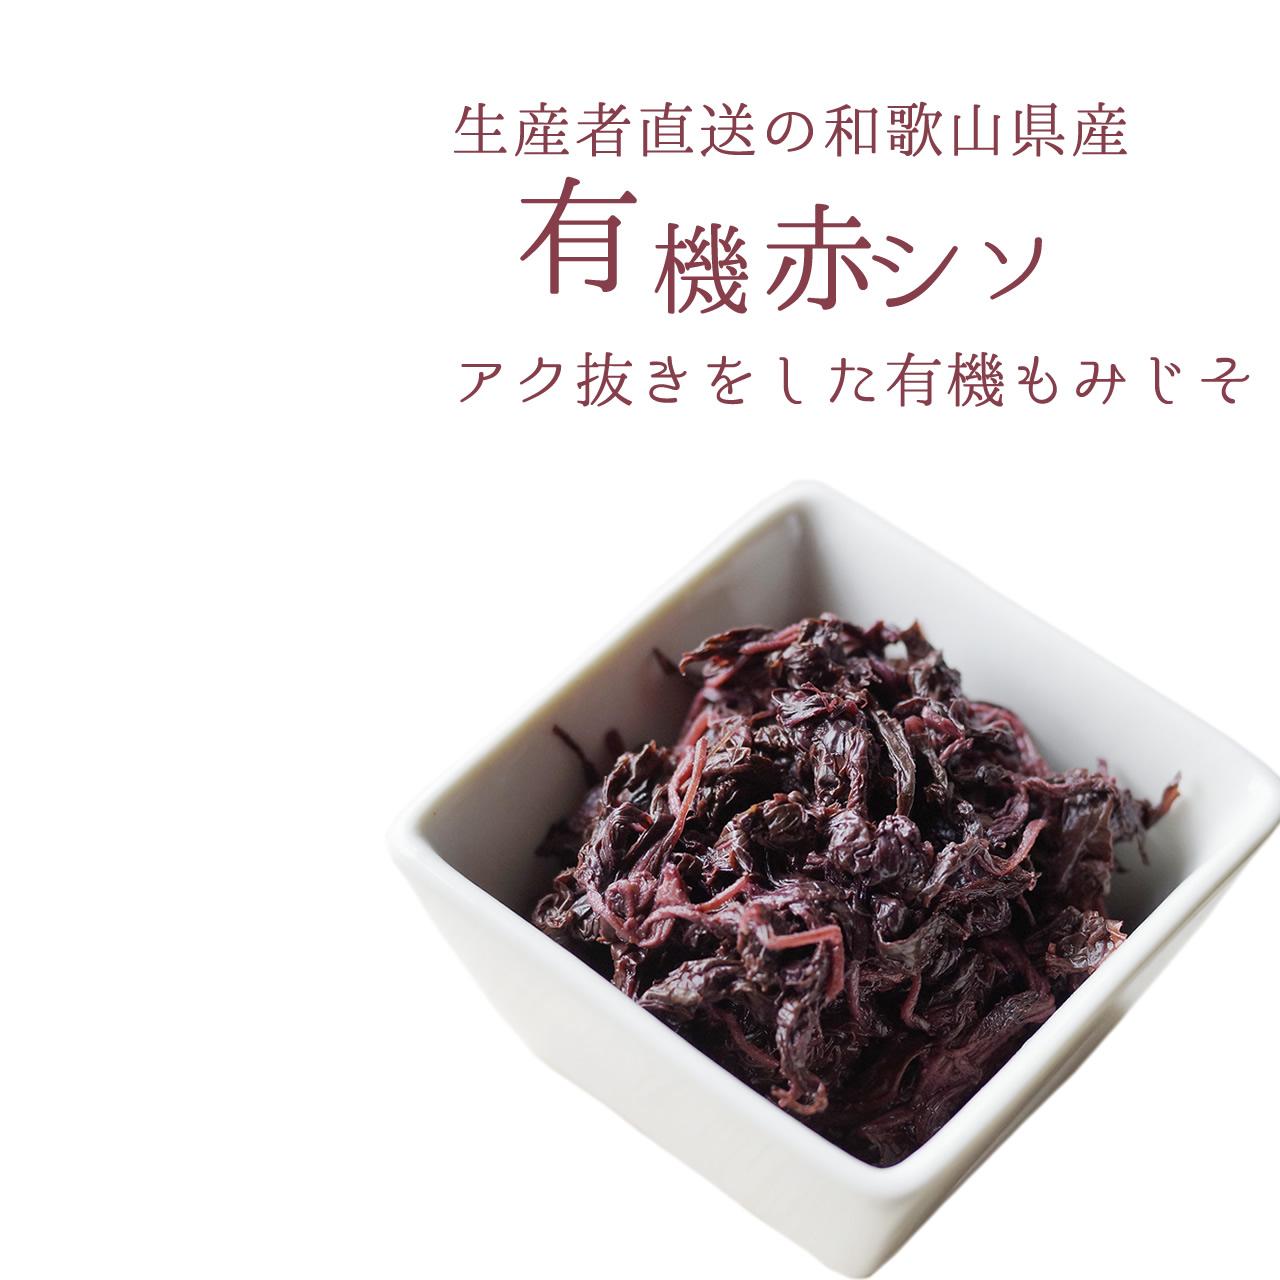 有機赤シソ,有機もみ紫蘇